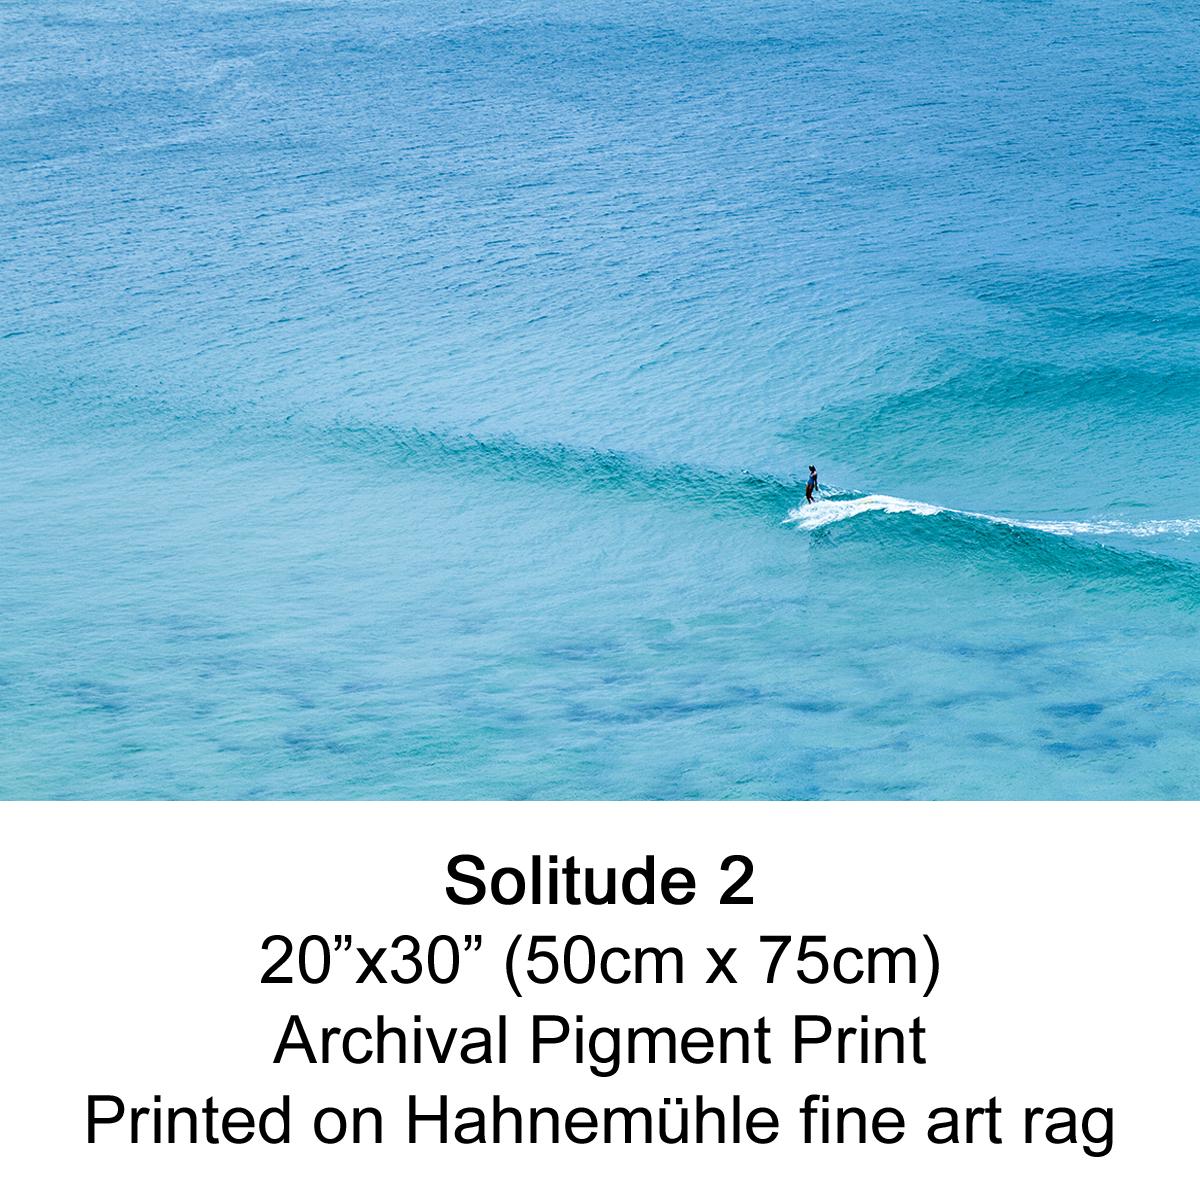 Solitude 2 by fran miller.jpg